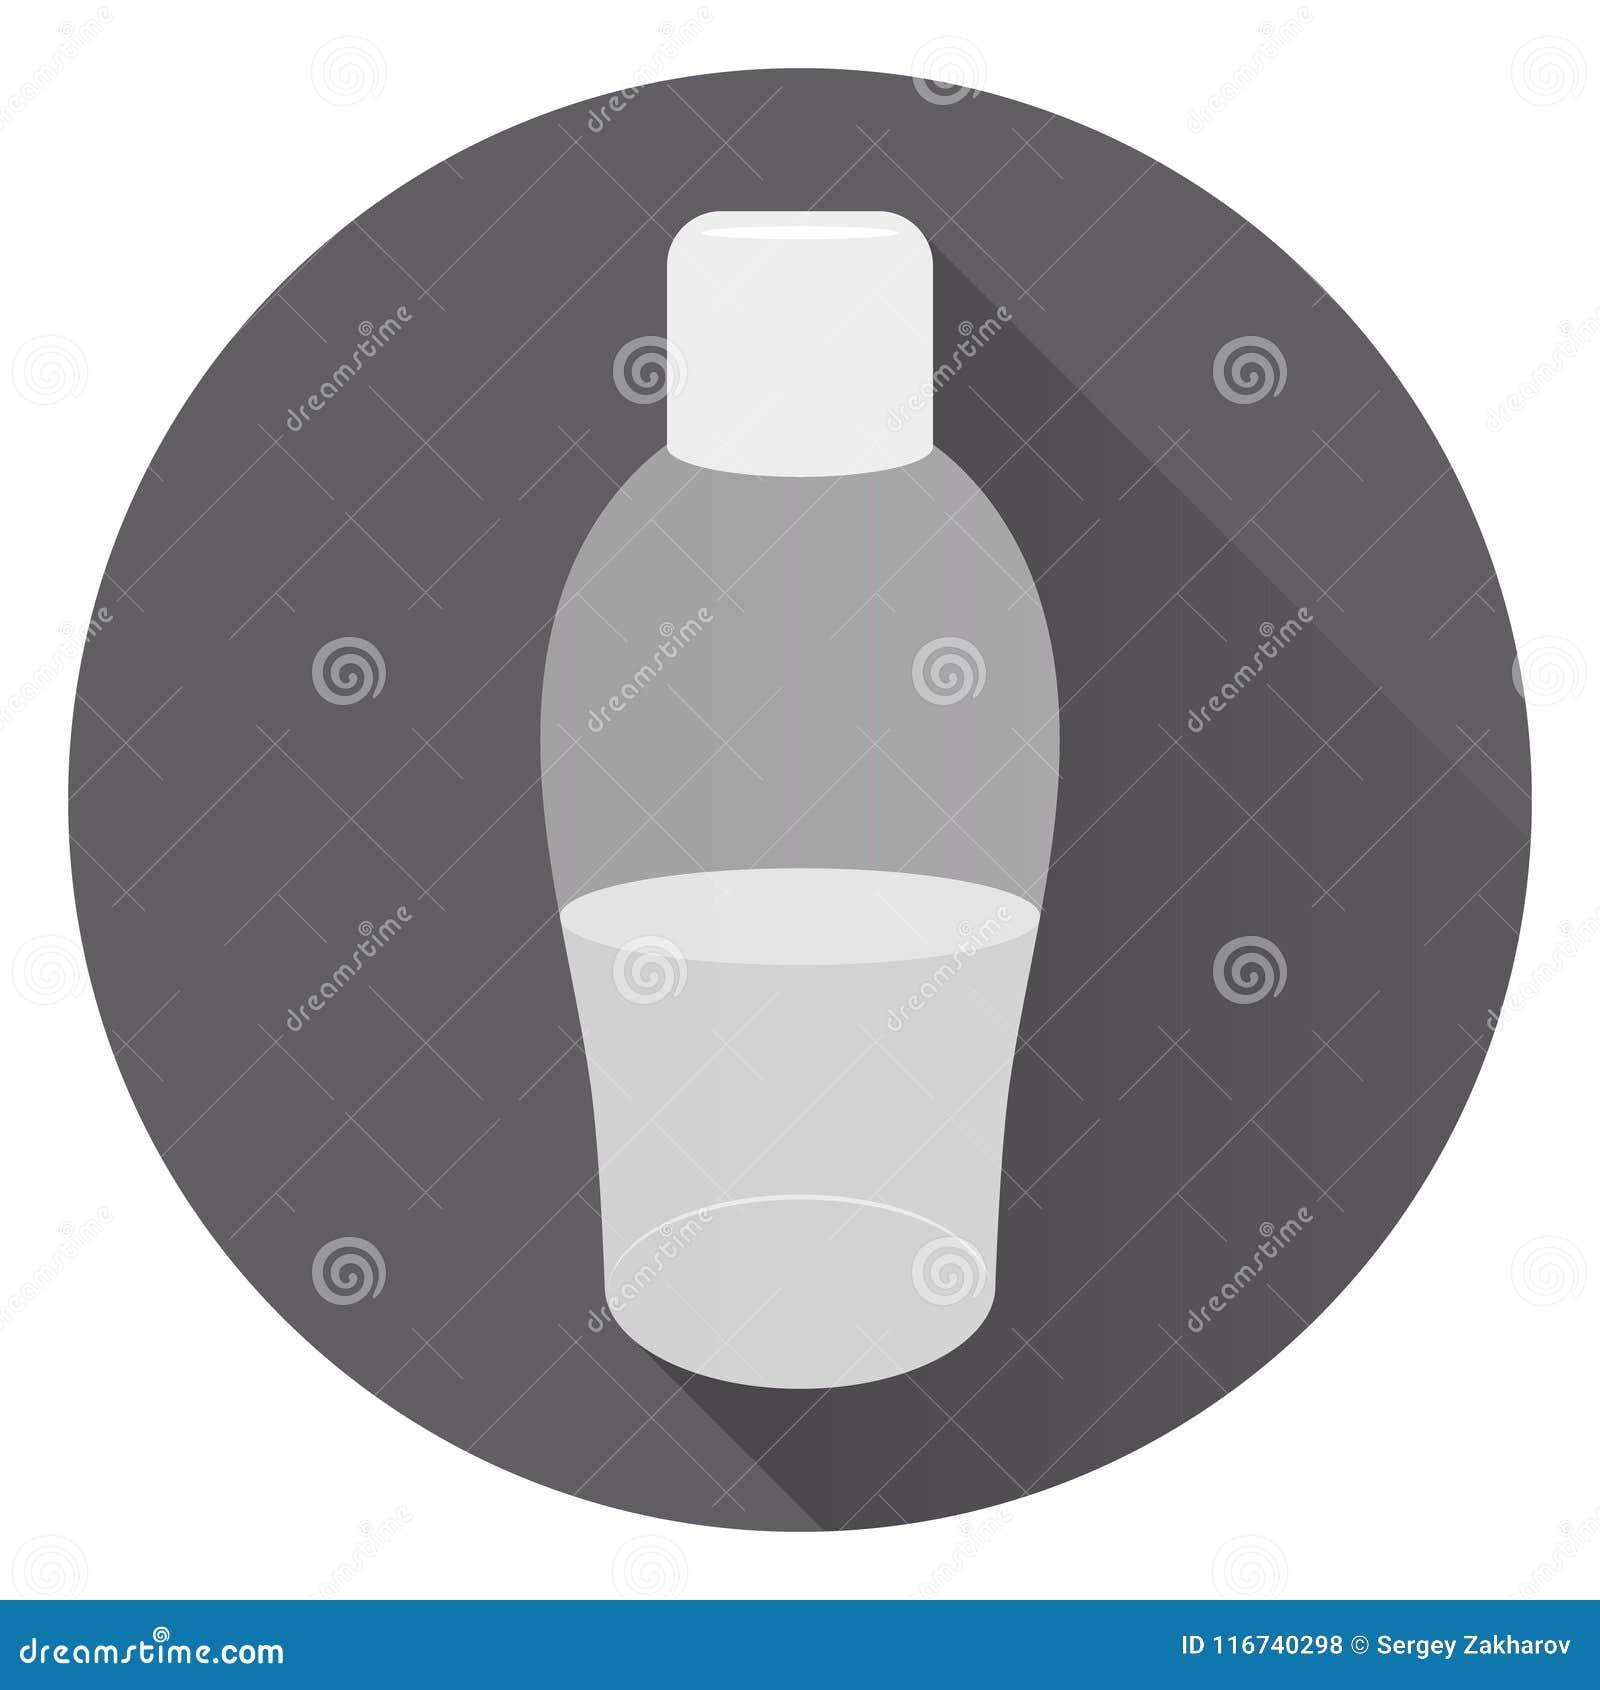 Grande garrafa transparente do sabão líquido ou do creme de corpo Espuma para um banho No fundo escuro redondo com sombra Estilo